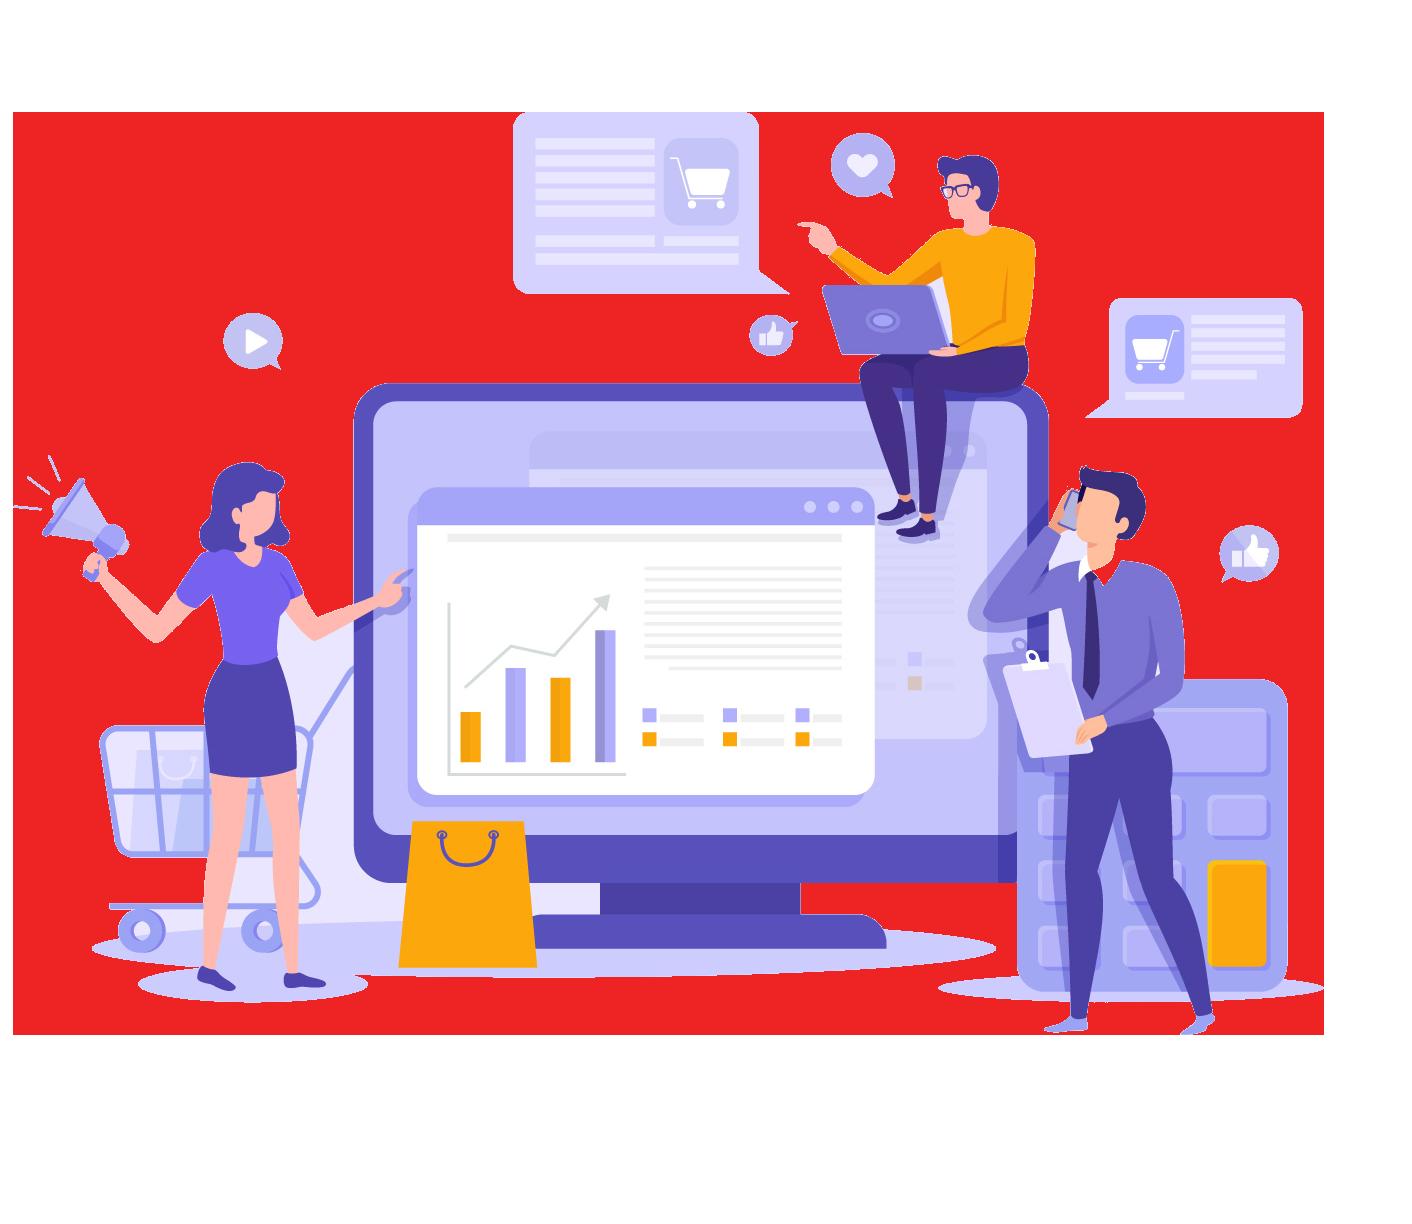 لیست 50 سایت که با هر کدام از آنها می توانید به رشد سئو و بهینه سازی وب سایت تان کمک کنید: